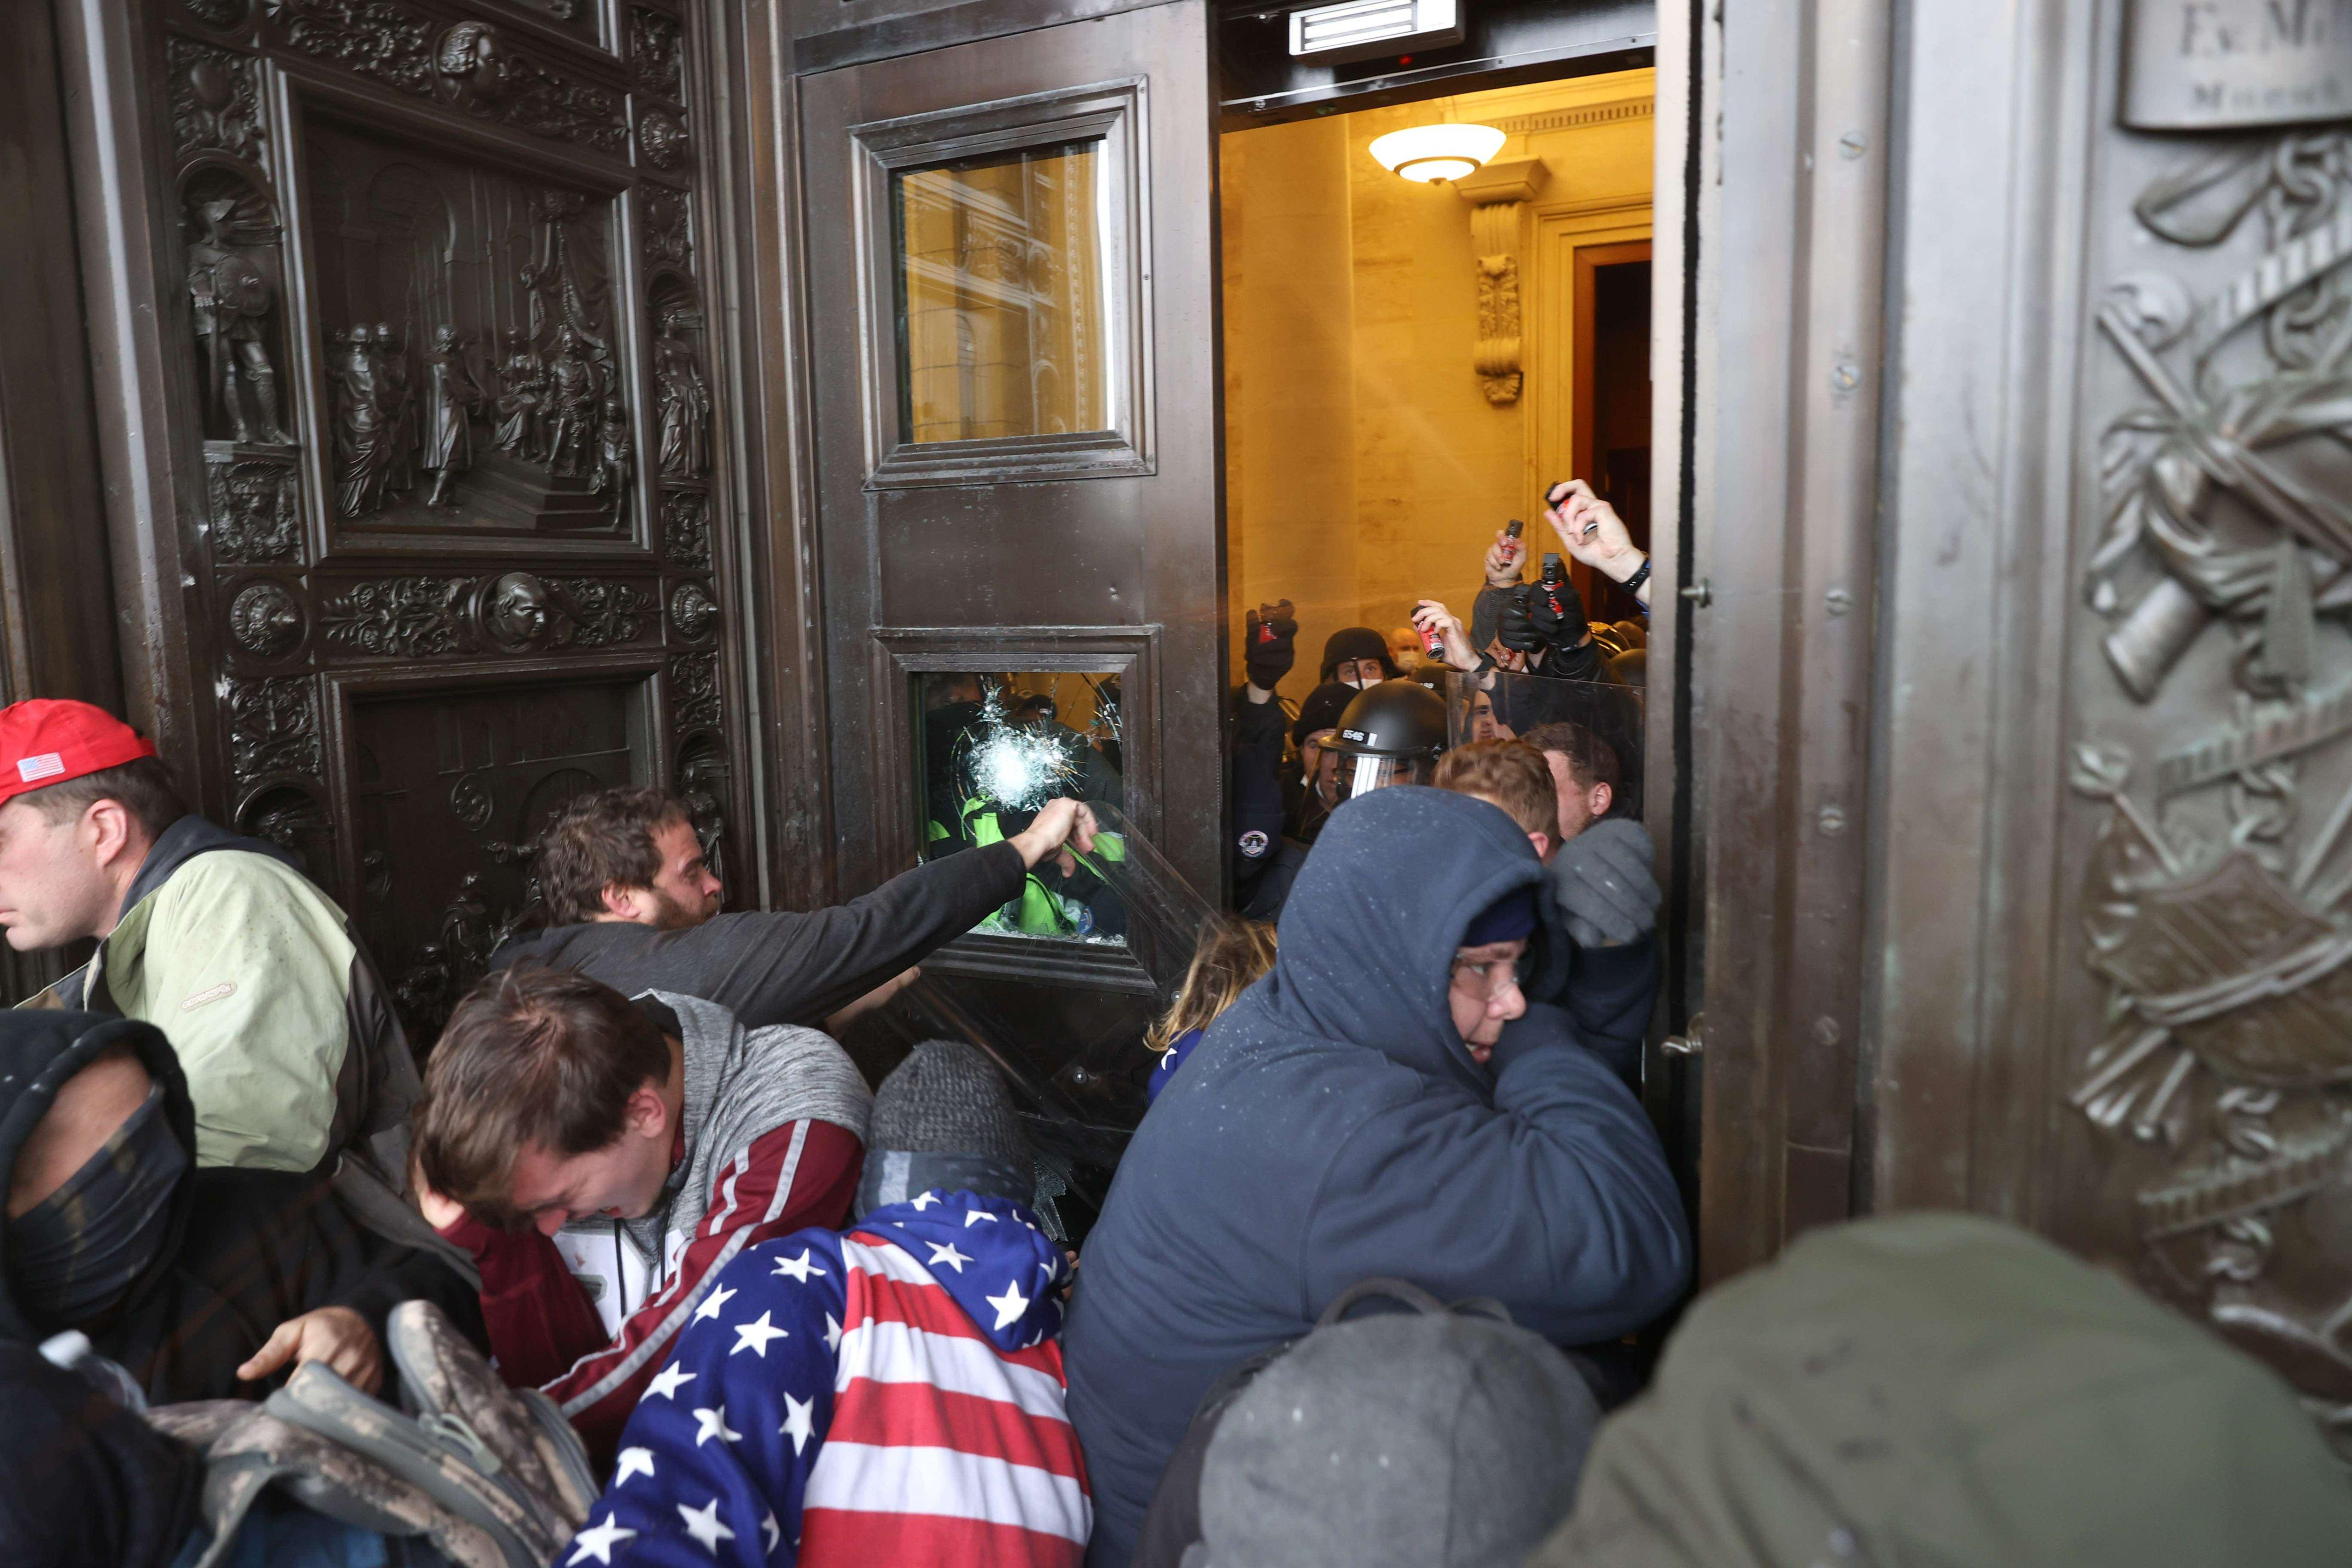 Väkijoukko tunkeutui kongressitaloon rikotuista ikkunoista ja väkisin auki työnnetyistä ovista.